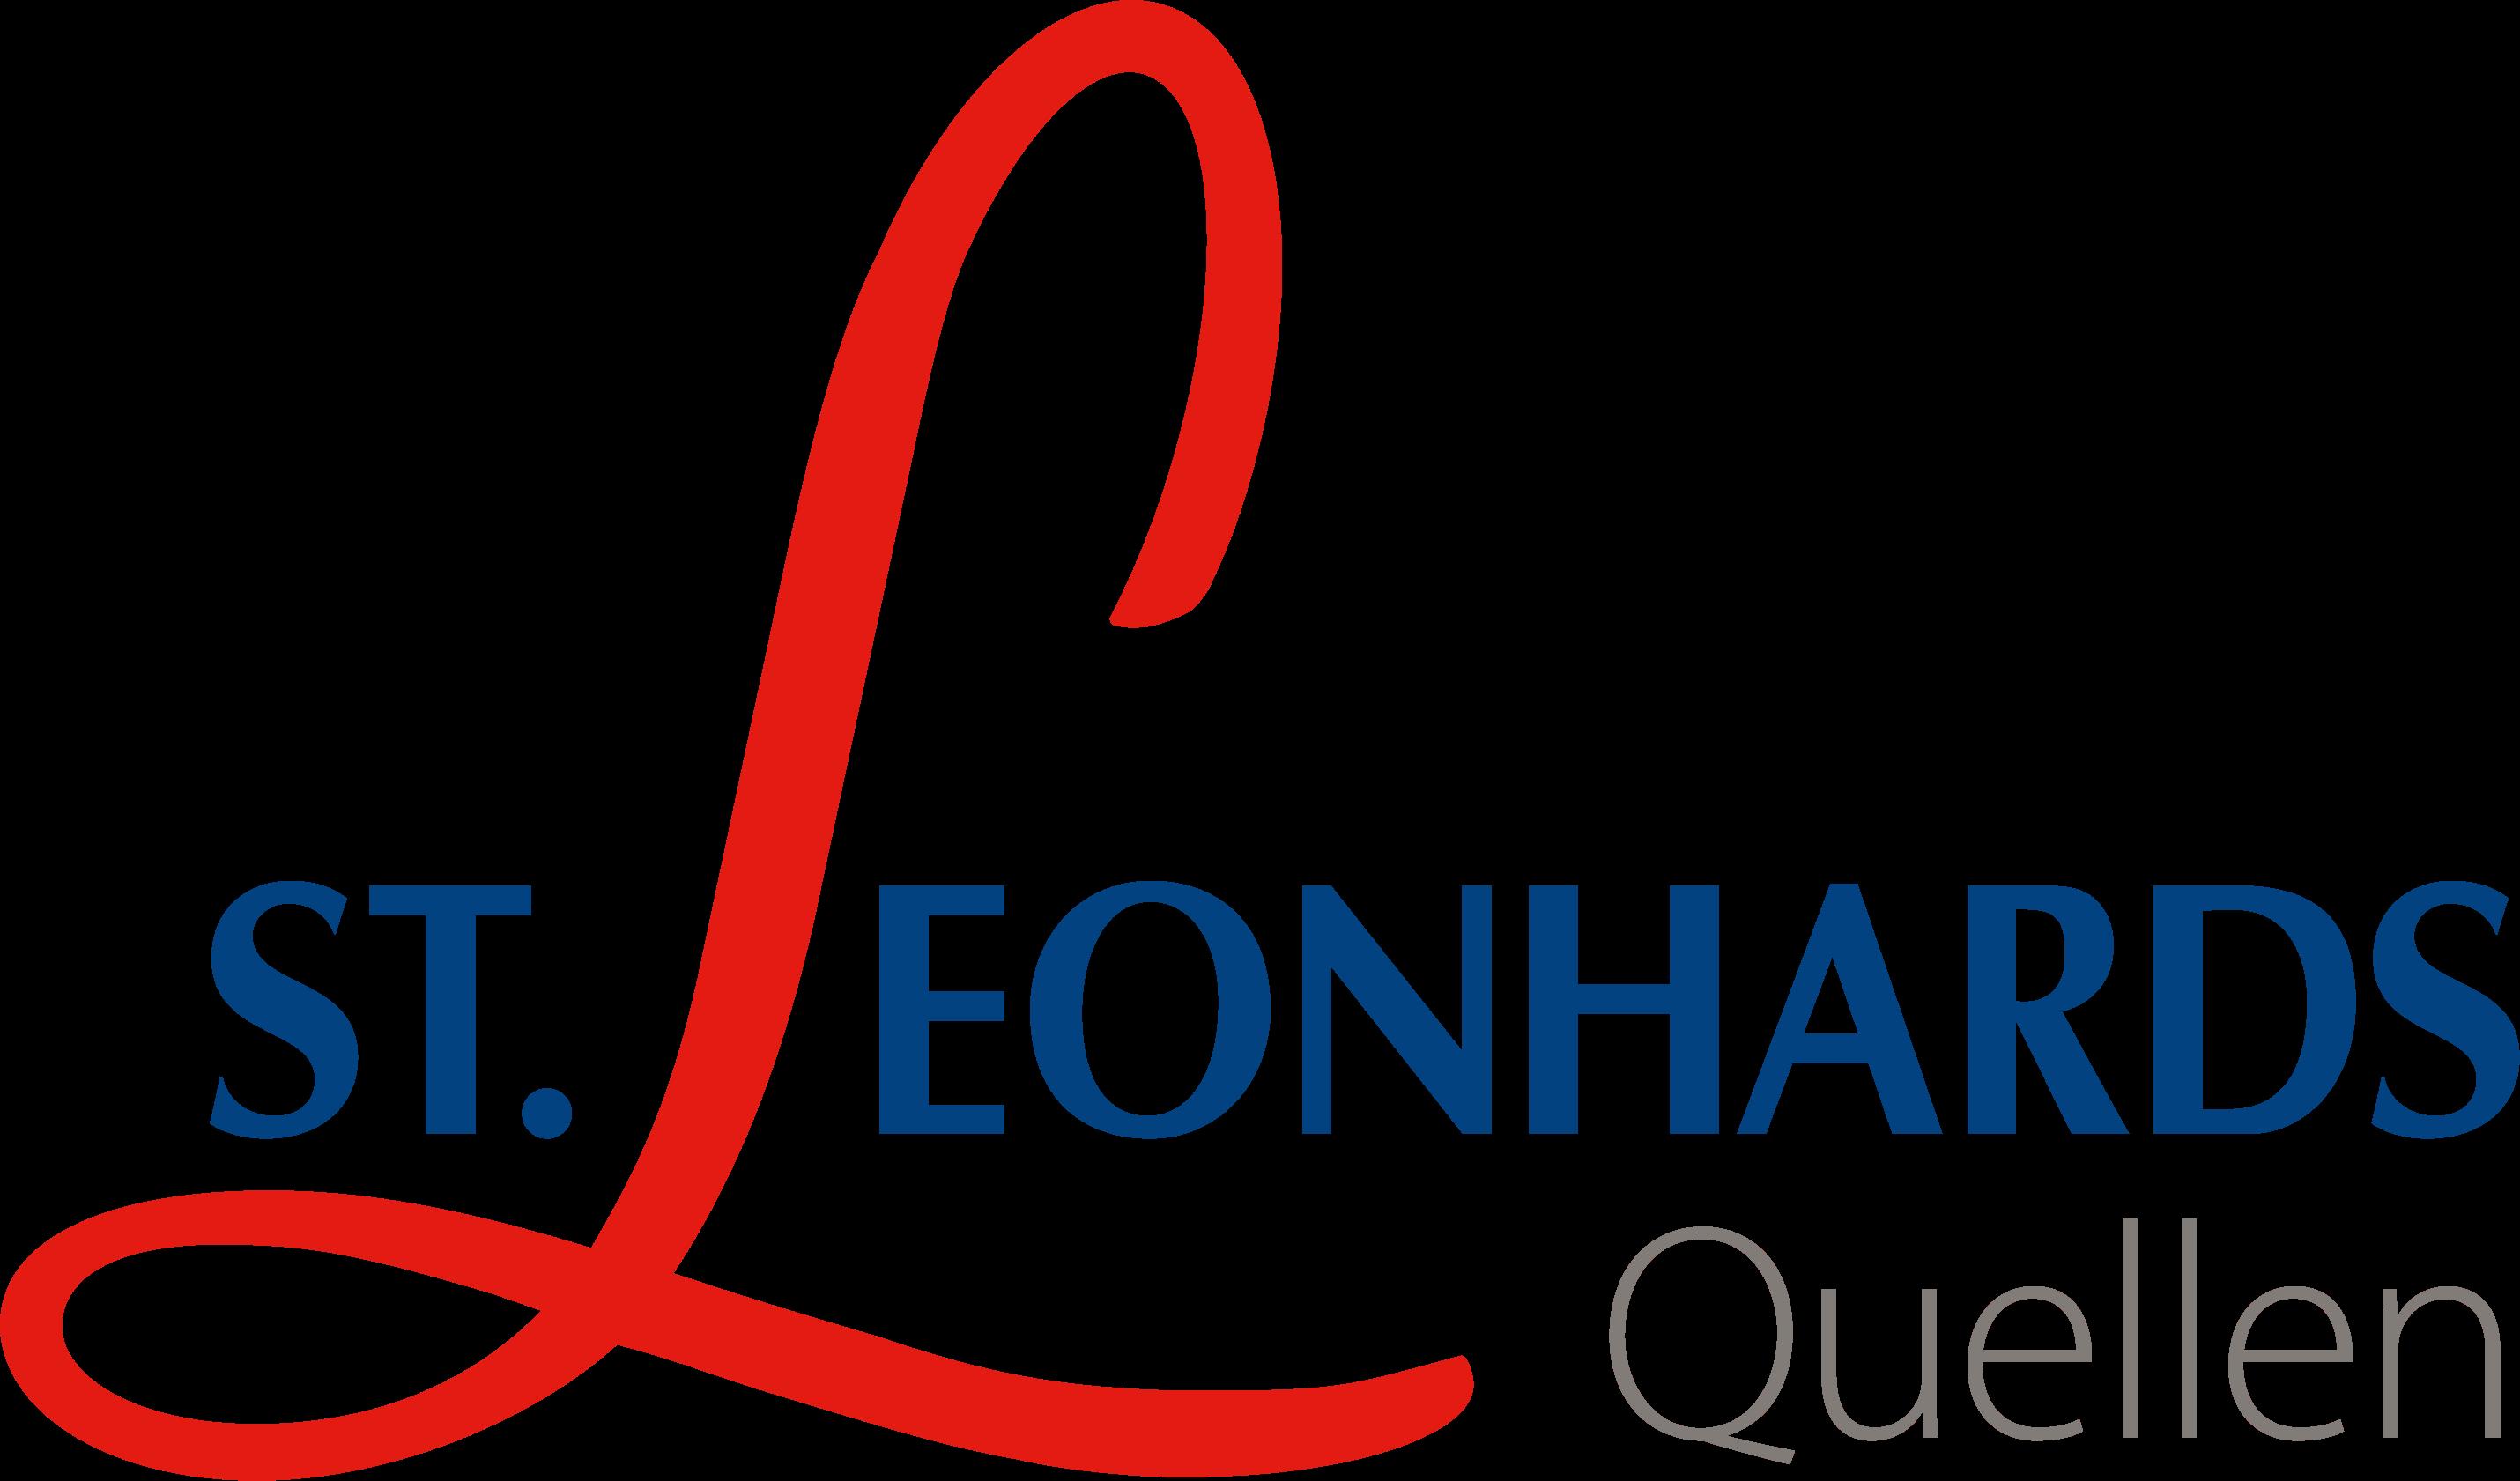 St Leaonhards Quelle - LOGO